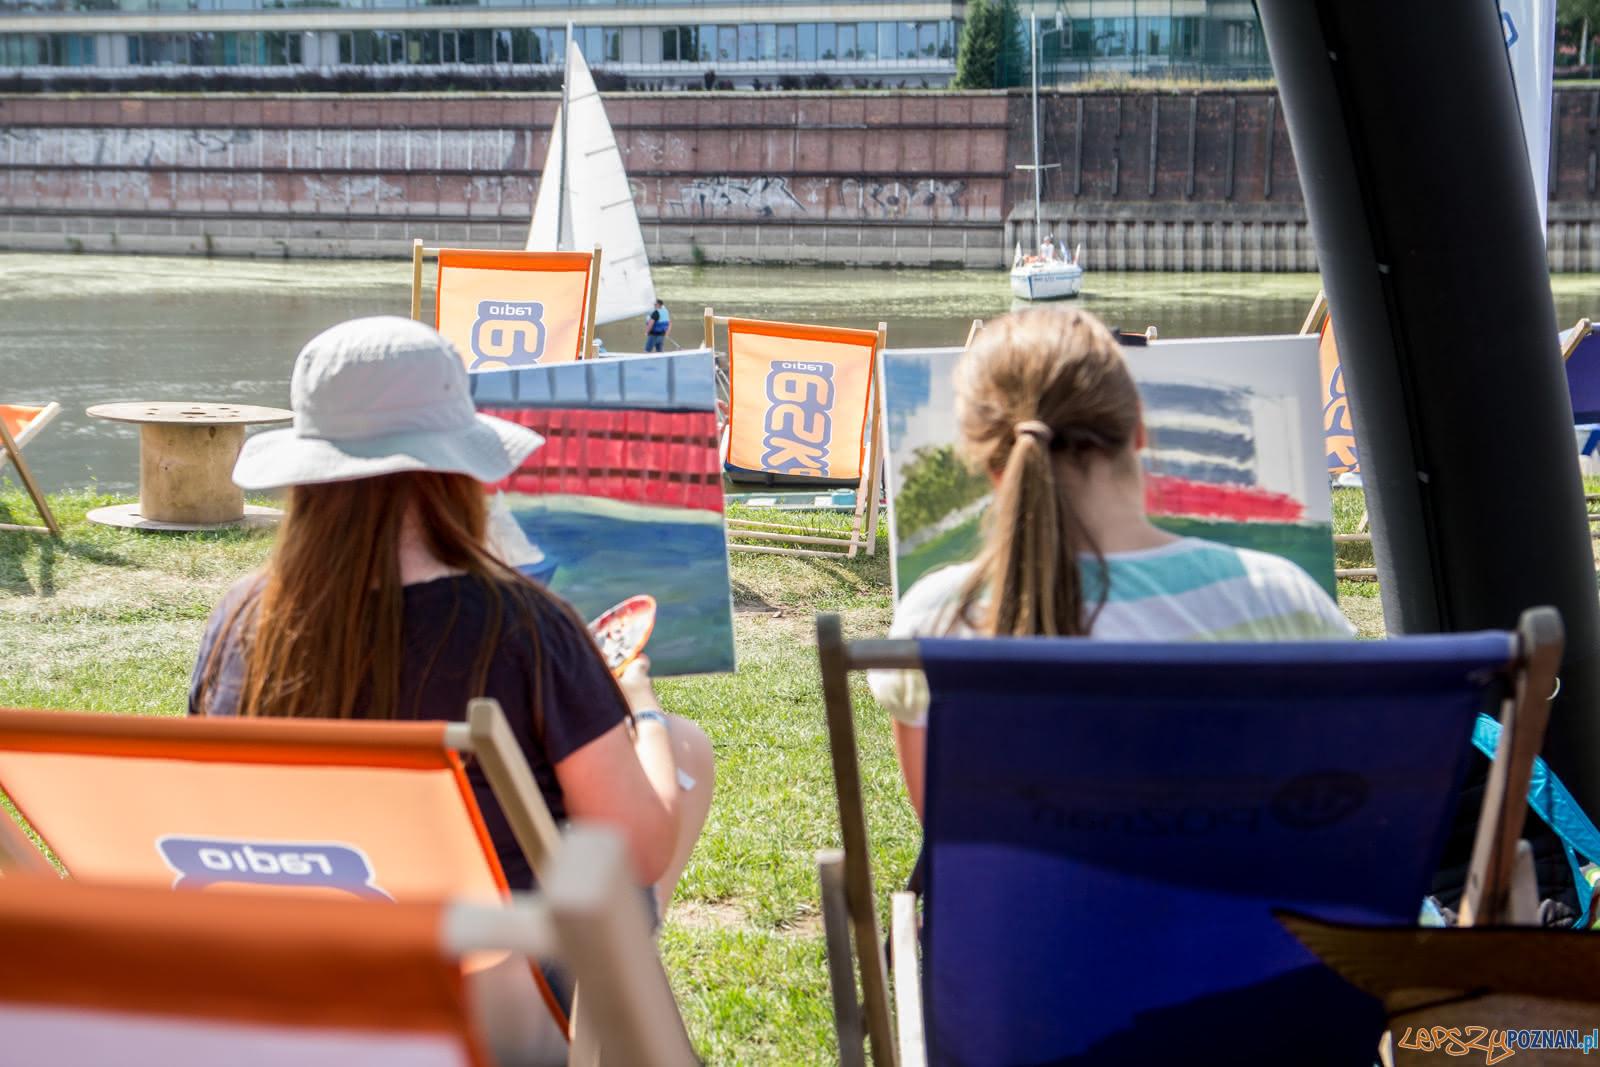 Regaty Zelglarskie Rzeczne Match Racing  Foto: lepszyPOZNAN.pl / Ewelina Jaśkowiak